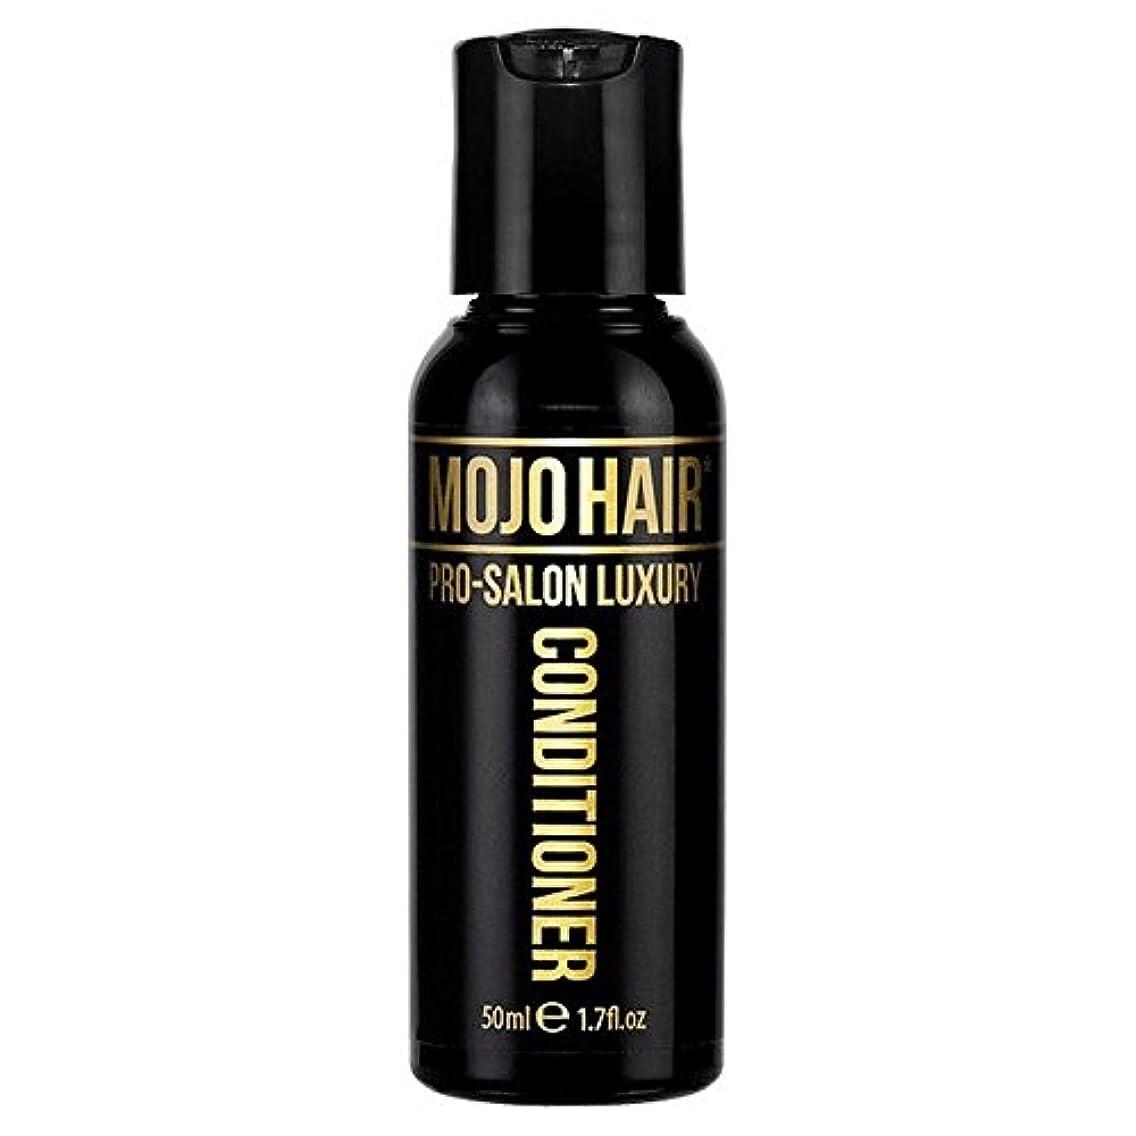 原稿仲人邪悪なMOJO HAIR Pro-Salon Luxury Fragrance Conditioner for Men, Travel Size 50ml - 男性のためのモジョの毛プロのサロンの贅沢な香りコンディショナー、トラベルサイズ...